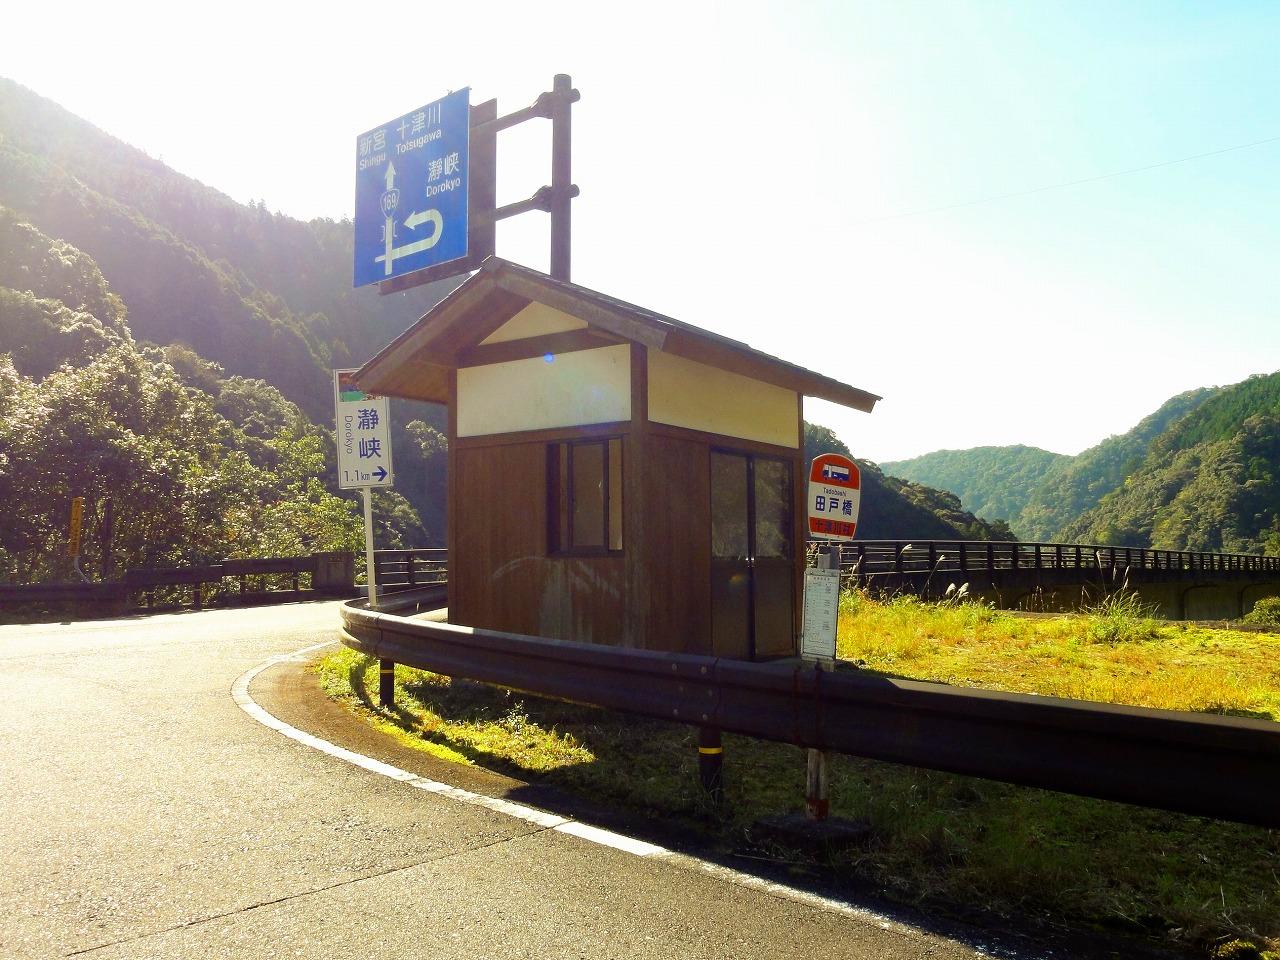 スカイウェイブで近場のキャンプツーリング(奥瀞道路)